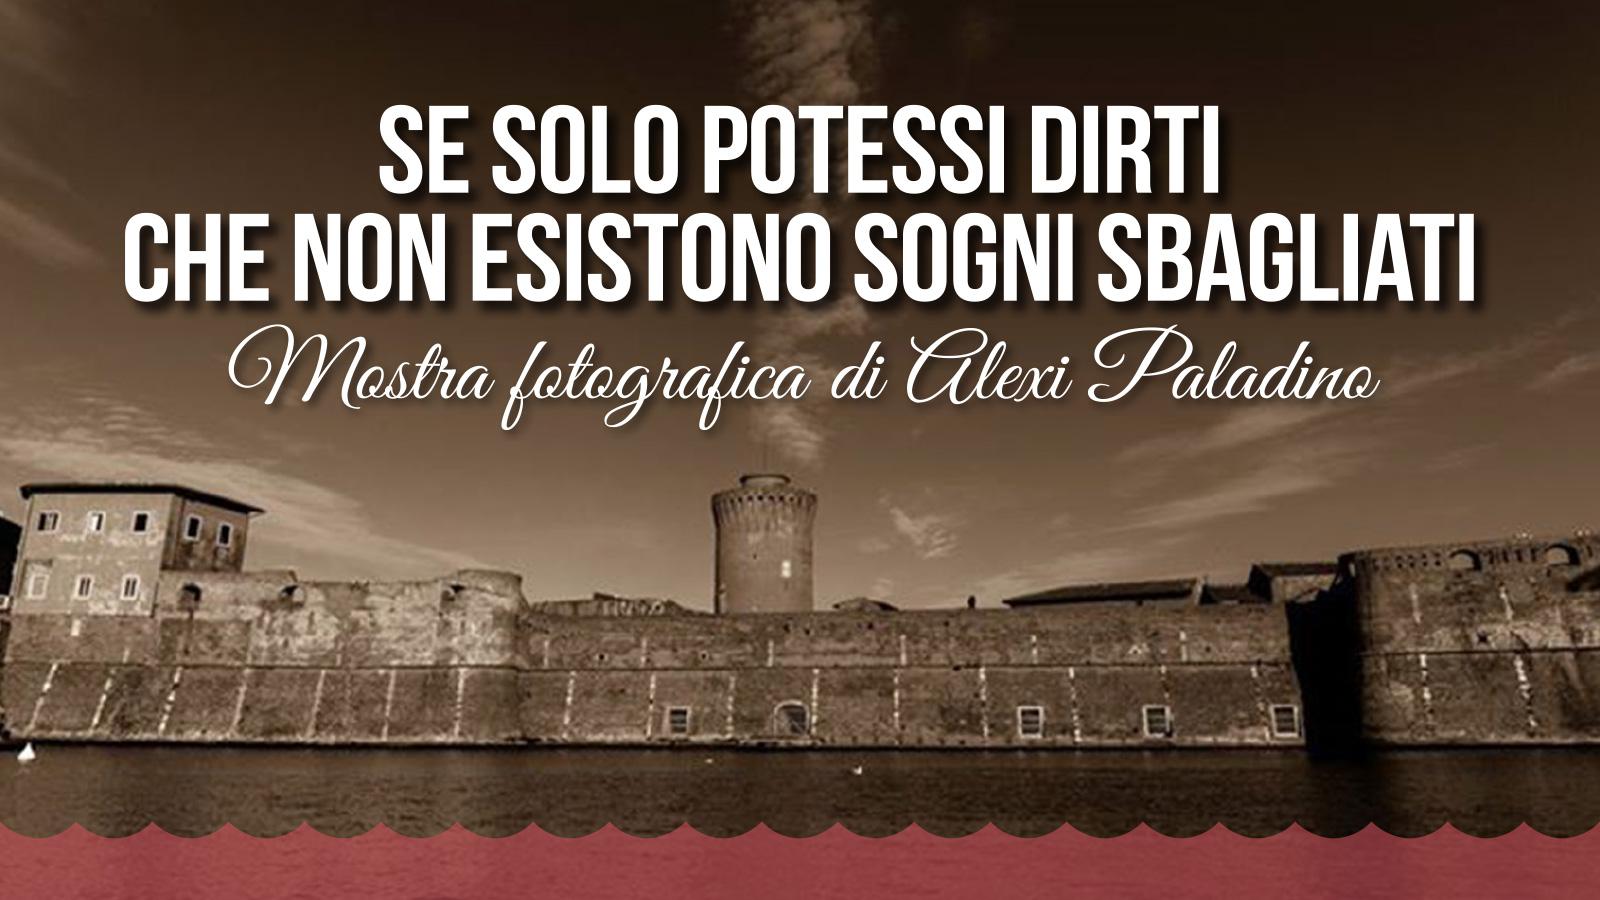 1 July / 8 August 2016, Livorno, Se Solo Potessi DIrti Che Non Esistono Sogni Sbagliati.